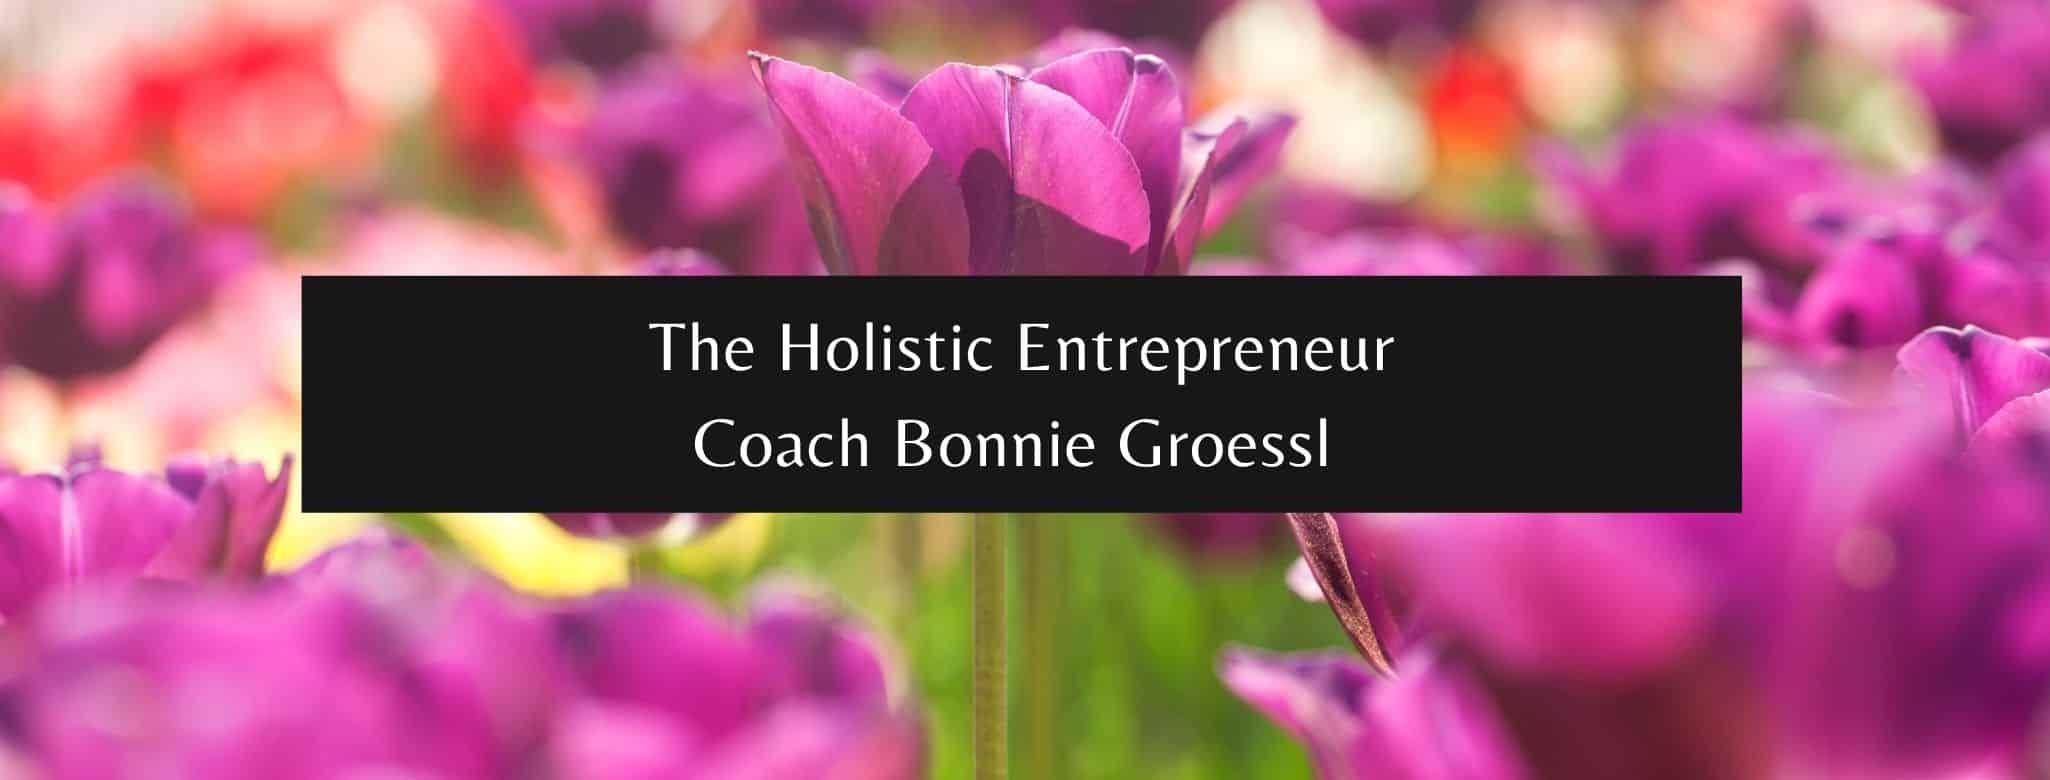 The Holistic Entrepreneur Bonnie Groessl